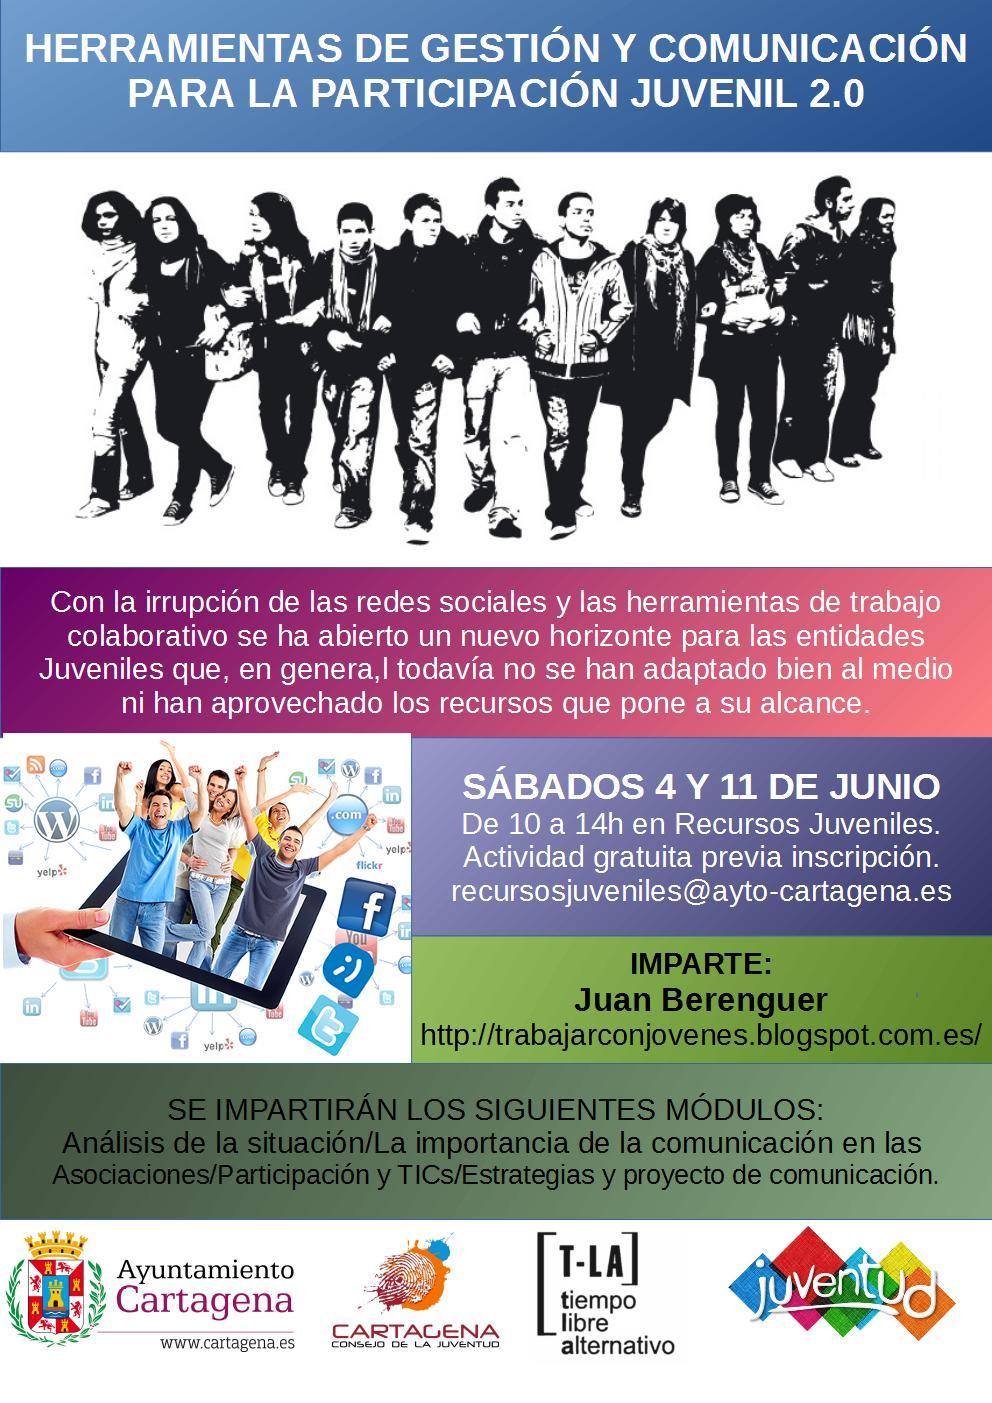 Curso de Herramientas de Gestión y Comunicación 2.0 para la Participación Juvenil